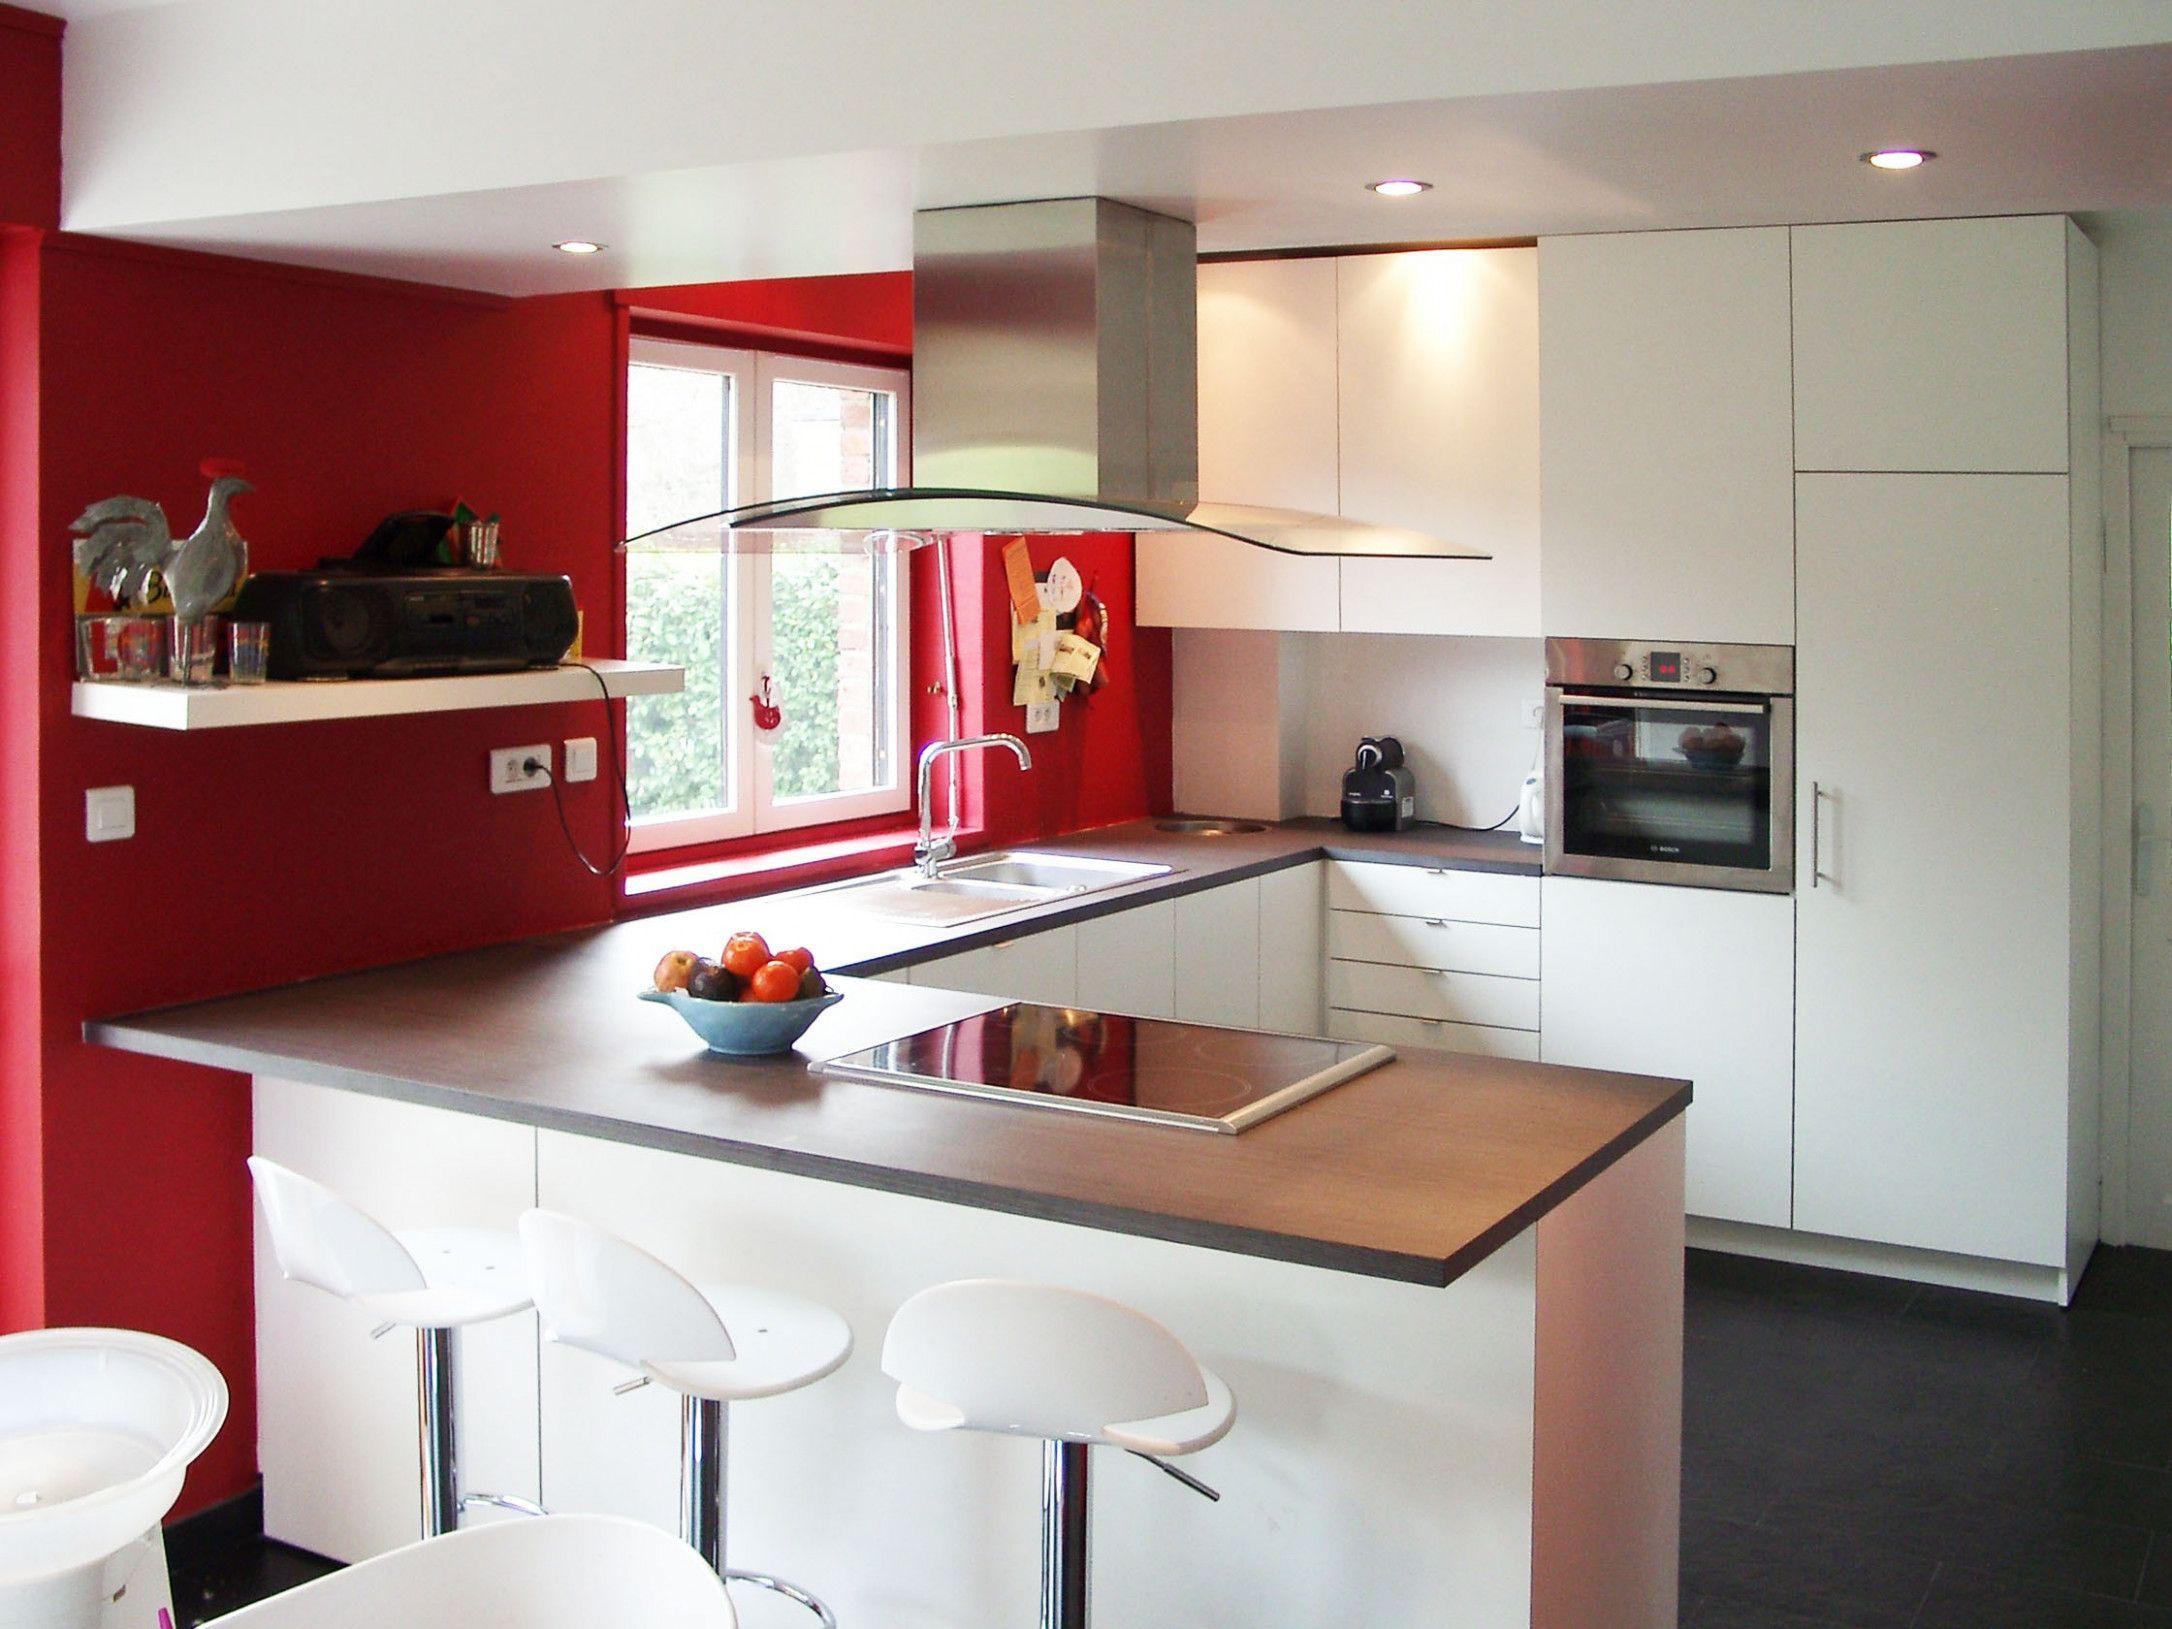 Idee Cuisine Avec Ilot   Kitchen remodel, Cuisine ikea, Ikea bar